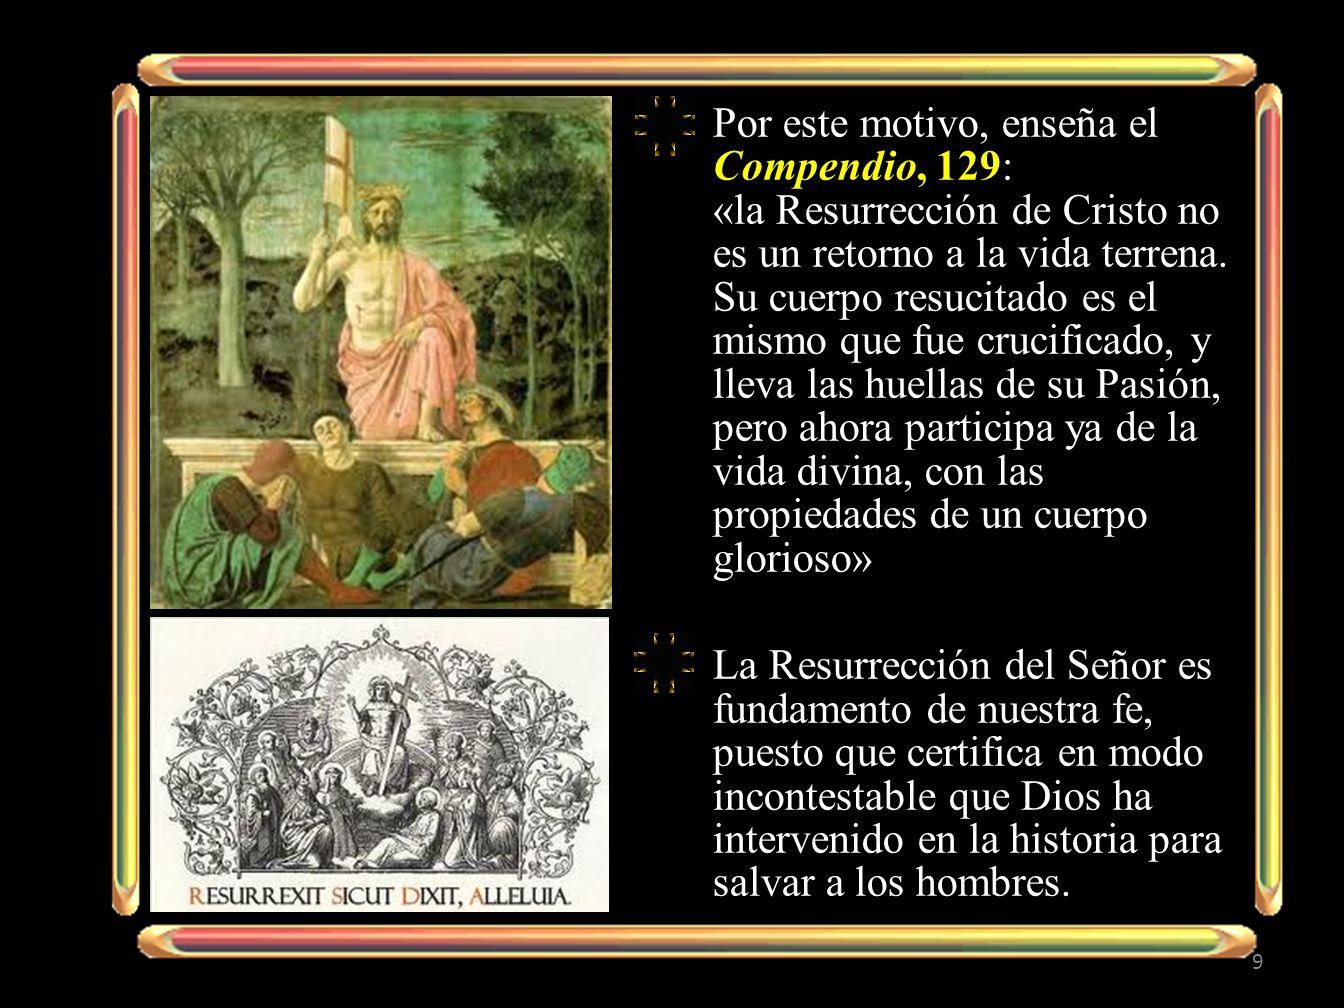 Y garantiza la verdad de lo que predica la Iglesia sobre Dios, sobre la divinidad de Cristo y la salvación de los hombres.